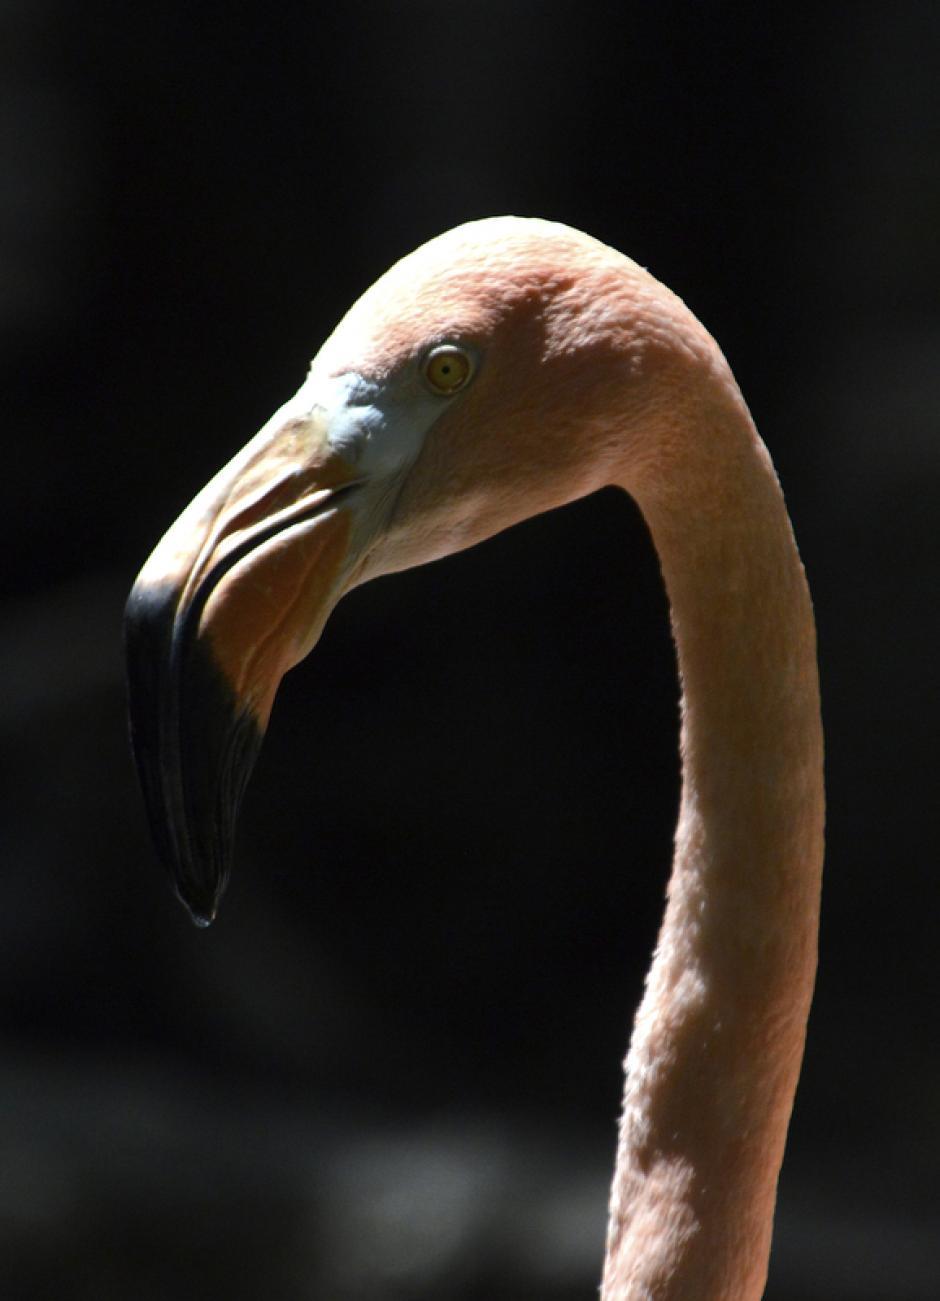 Esta hermosa y elegante ave, se distingue fácilmente del resto de las aves por el color rosado de su plumaje, aunque también existen de color rojo y blanco. (Foto: Deccio Serrano/Nuestro Diario)